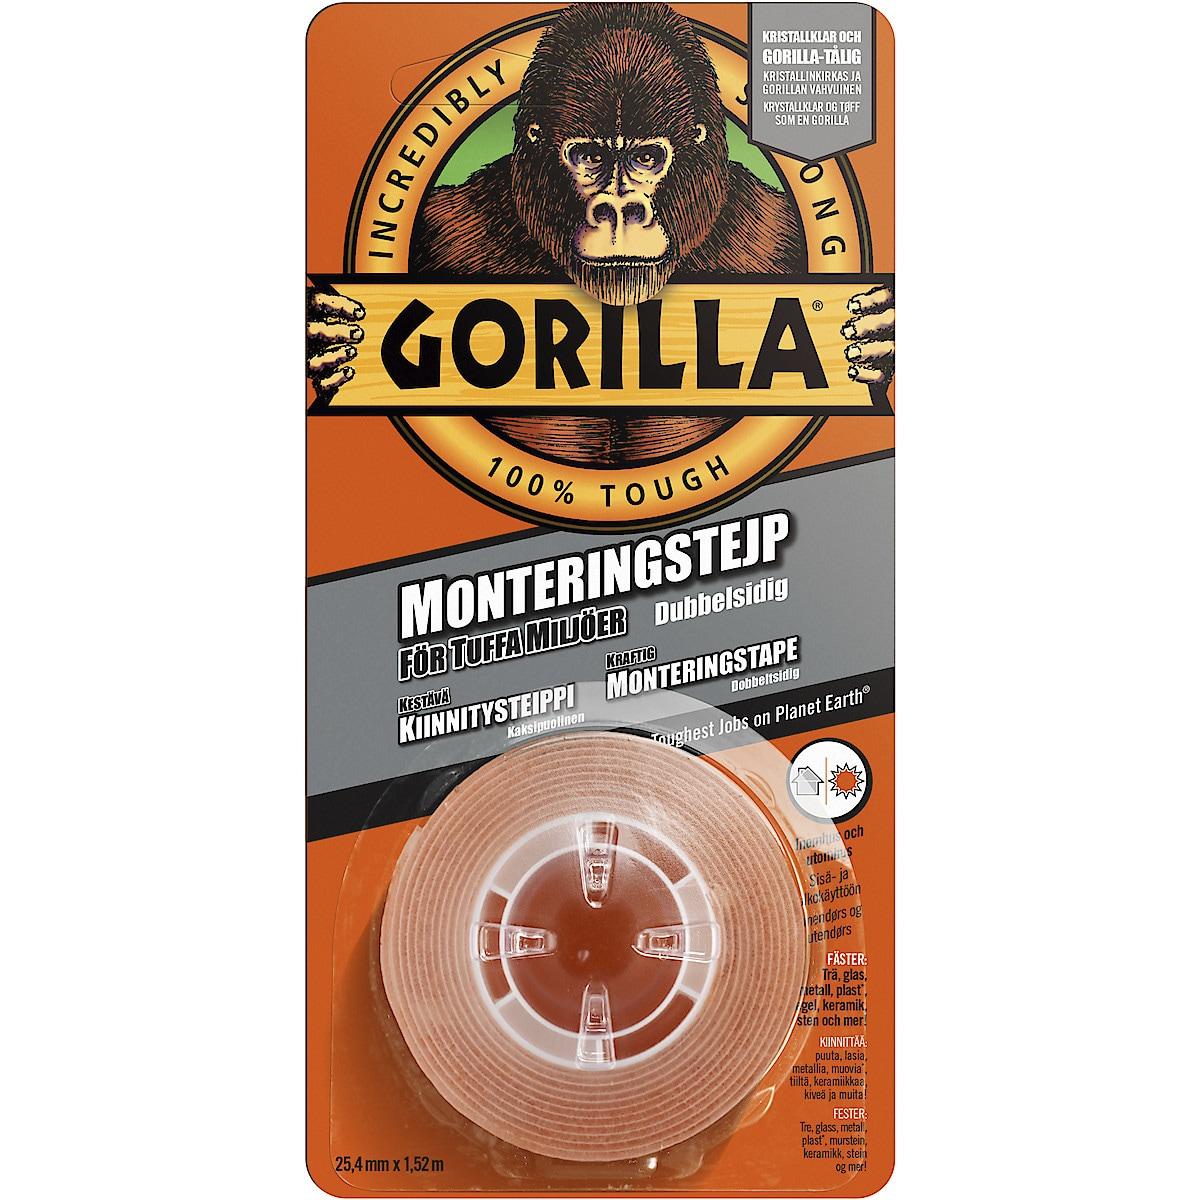 Asennusteippi Gorilla